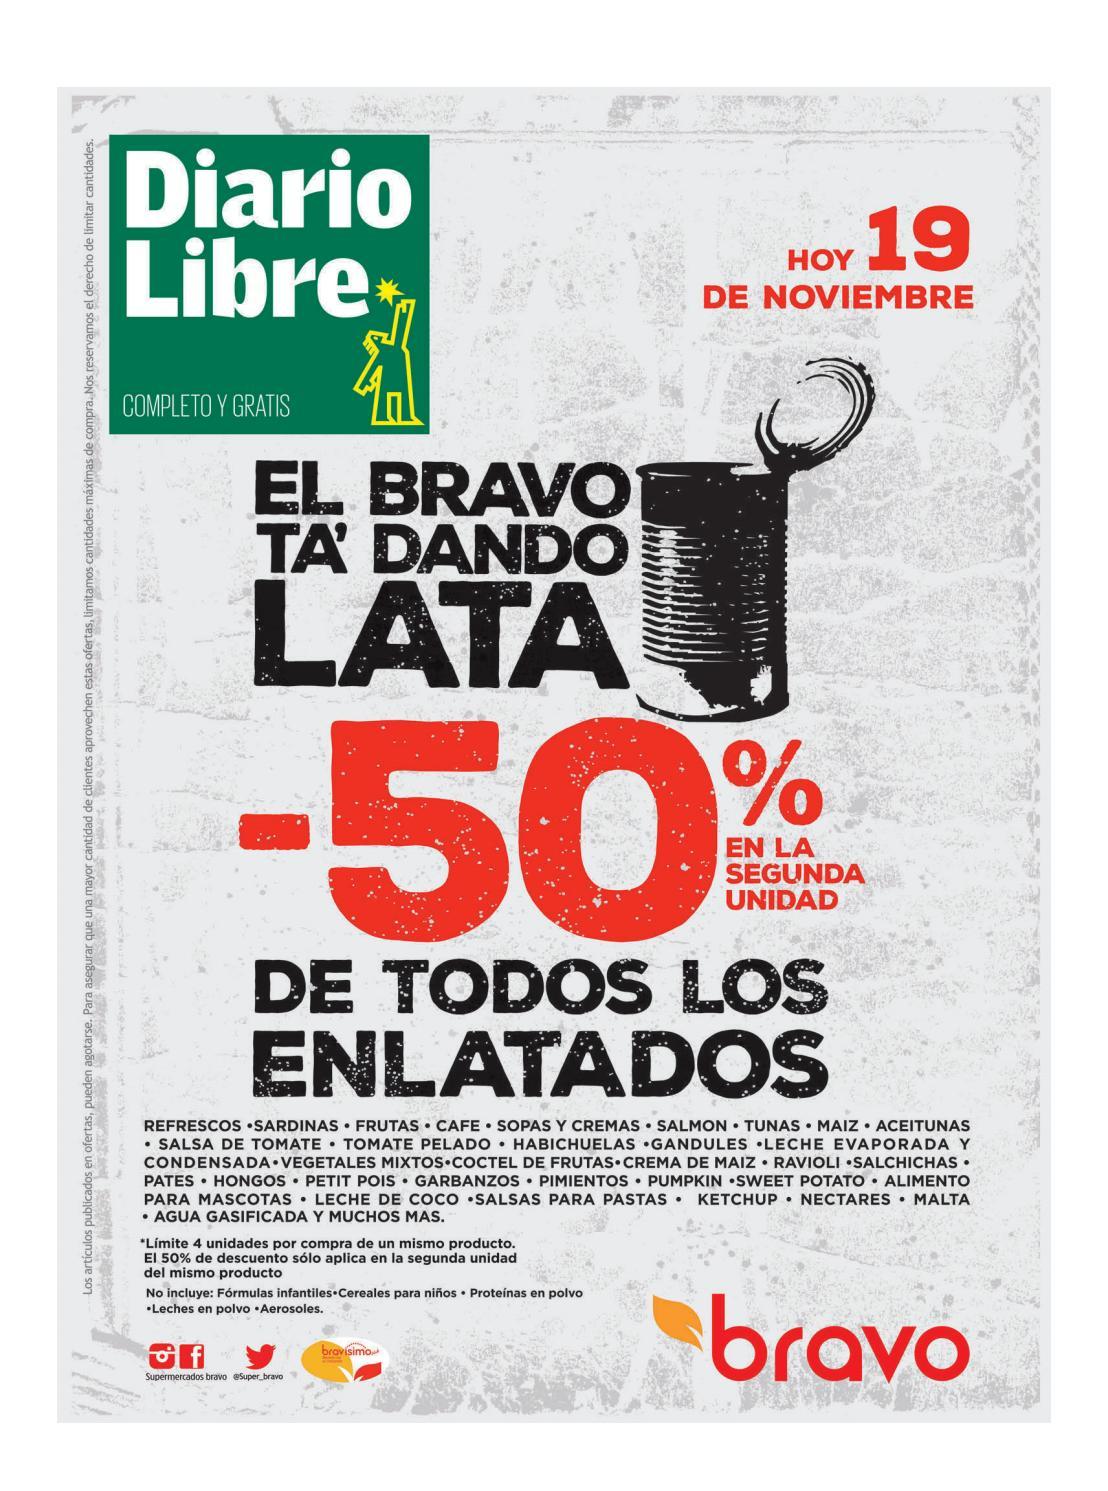 Diariolibre4720 by Grupo Diario Libre, S. A. - issuu